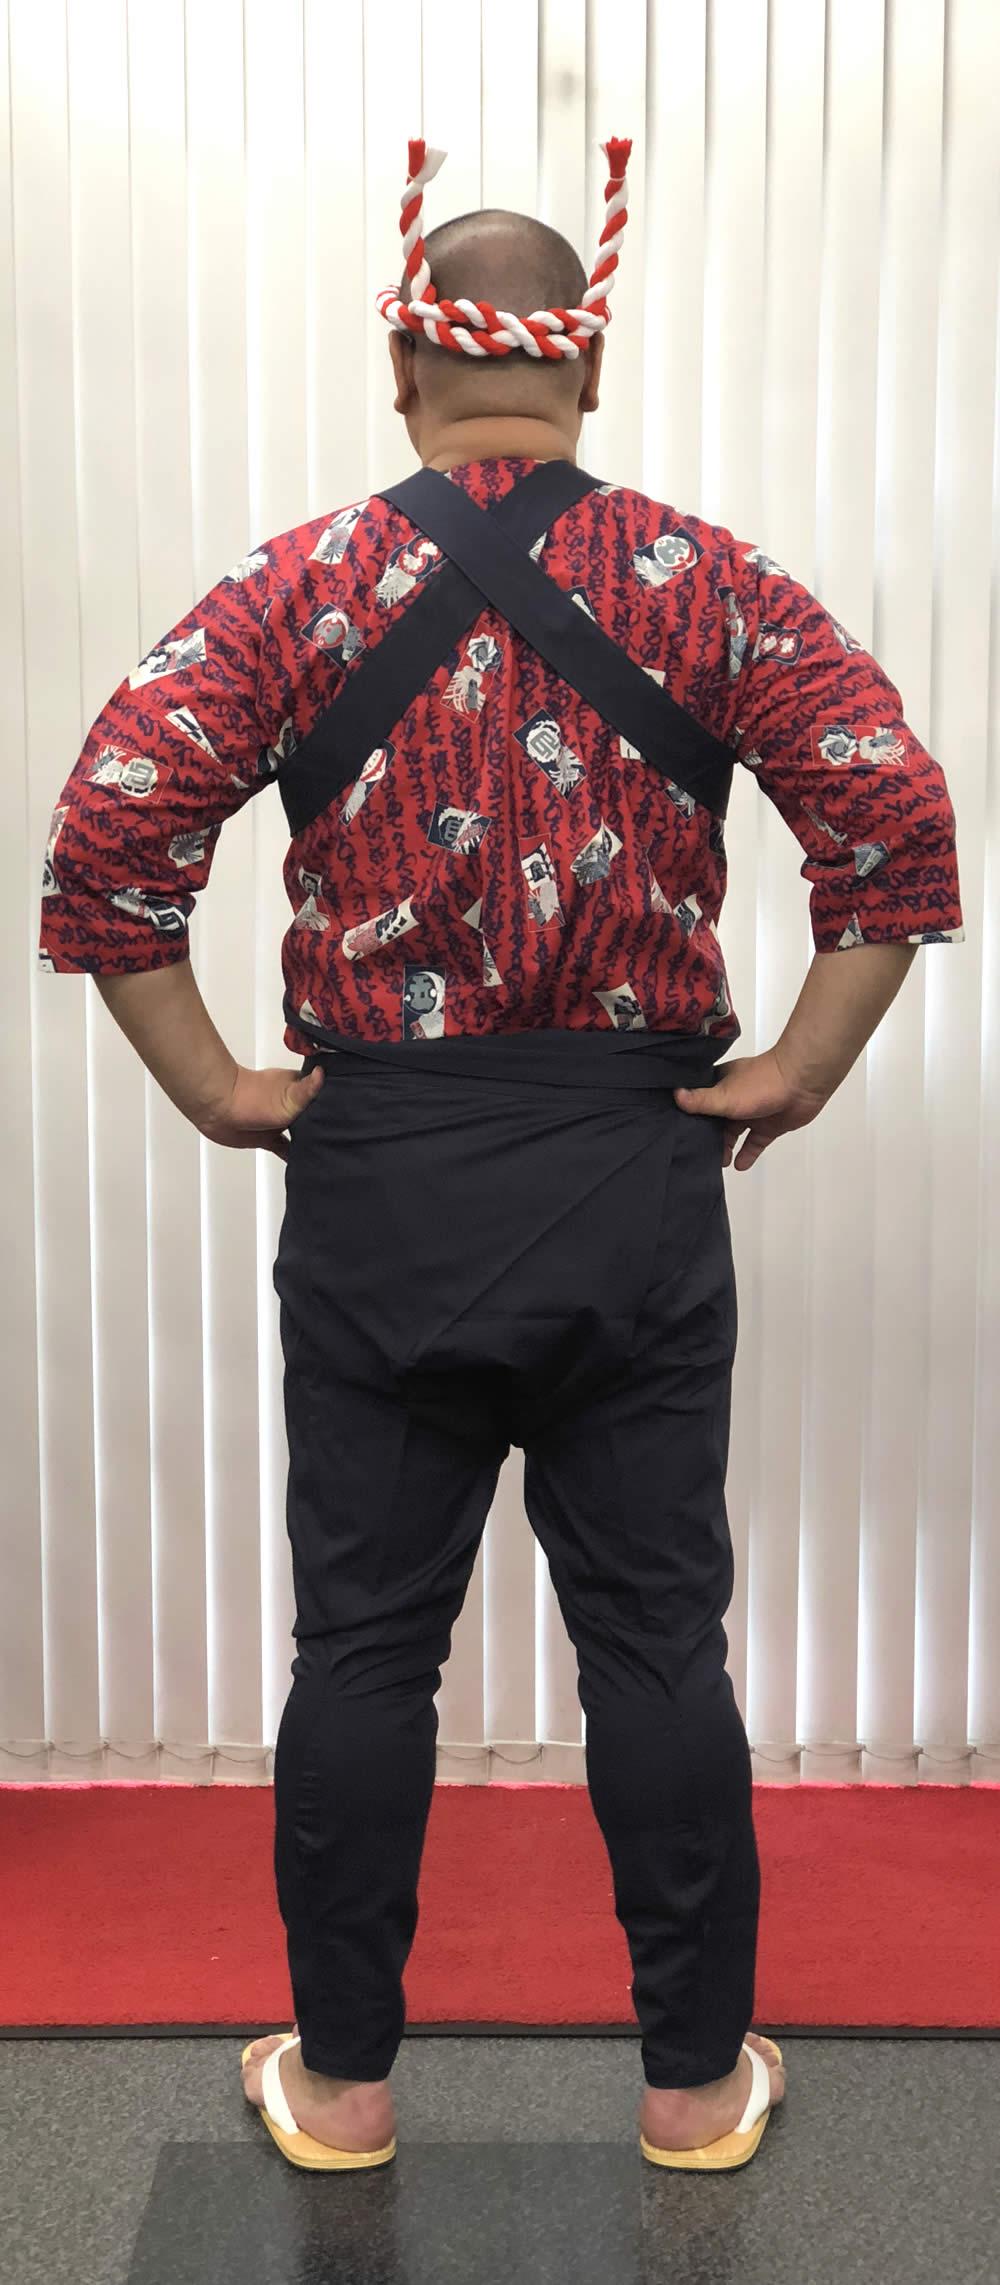 巨漢 祭り衣装 大きいサイズ